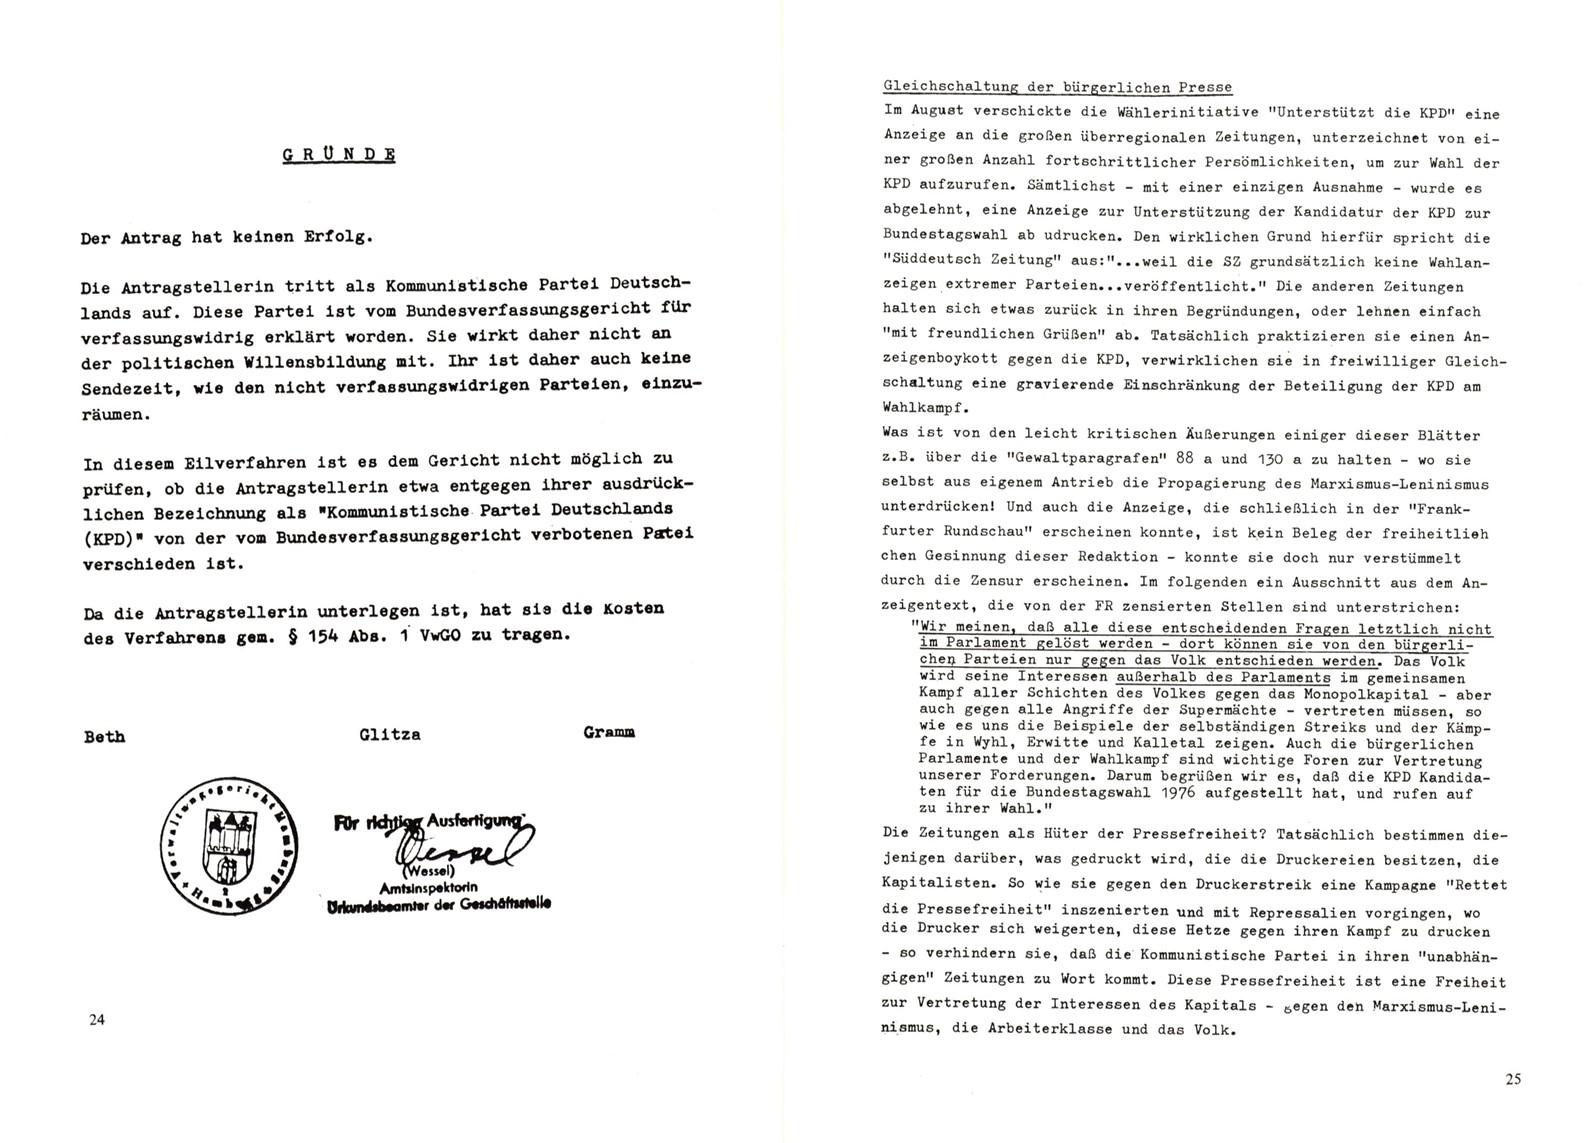 KPDAO_1976_Wahlbehinderungen_im_BTW_14